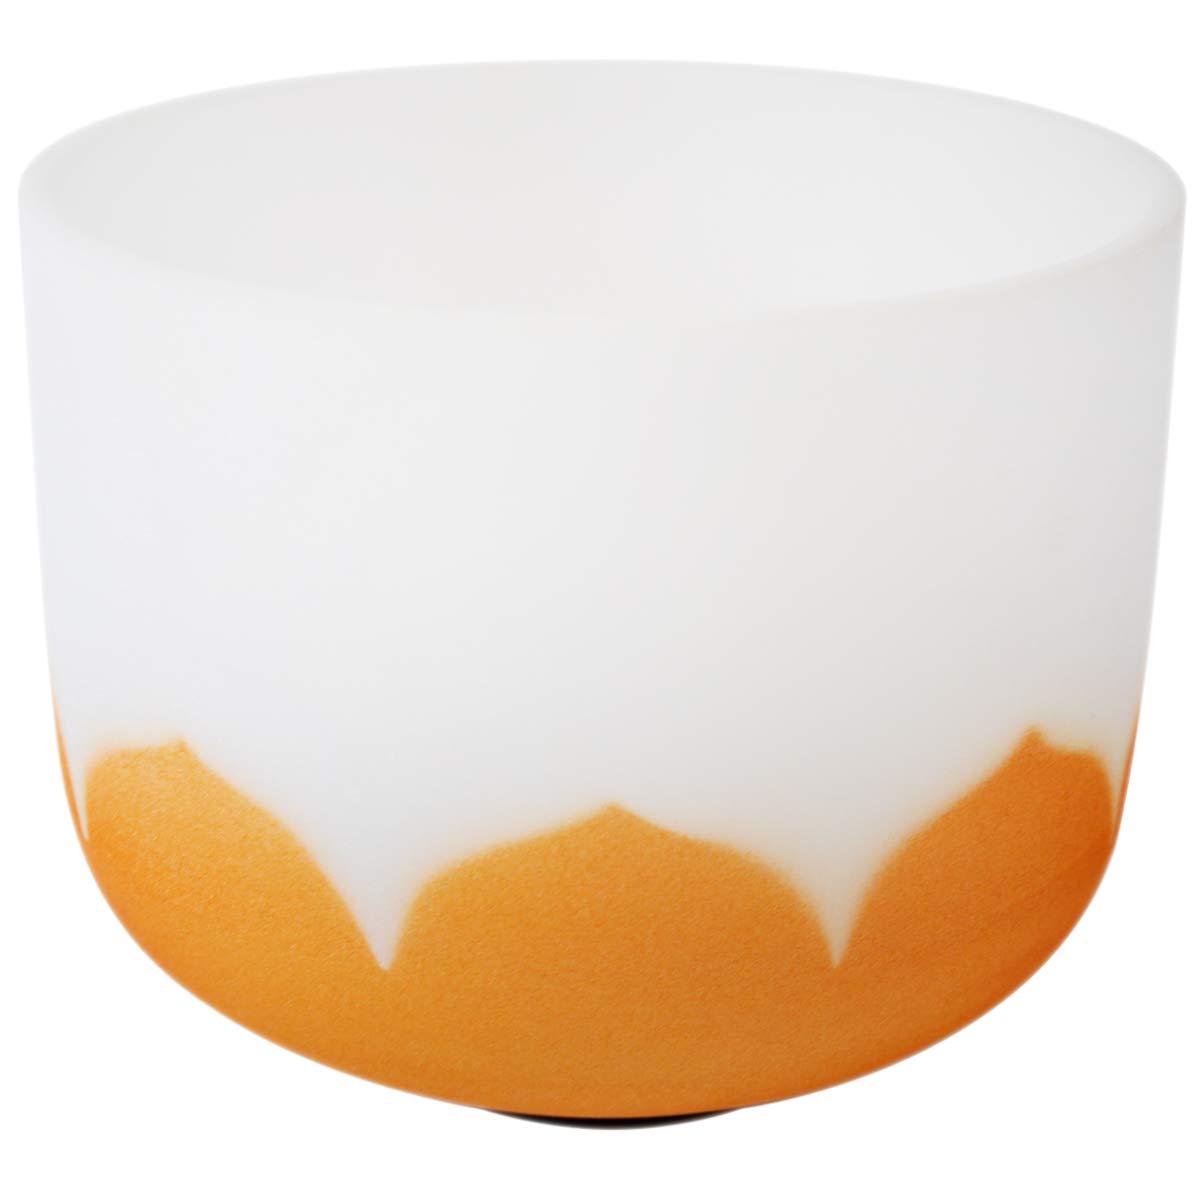 2019年最新海外 Jindian Dノート クリスタルボウル 歌うボール Dノート Orange-11F 11インチ クリスタルシンギングボウル チャクラ 瞑想 チャクラ ヨガ用 マレット付き オレンジ Orange-11F B07LFB1BWC, 玉名郡:11d5c04b --- a0267596.xsph.ru